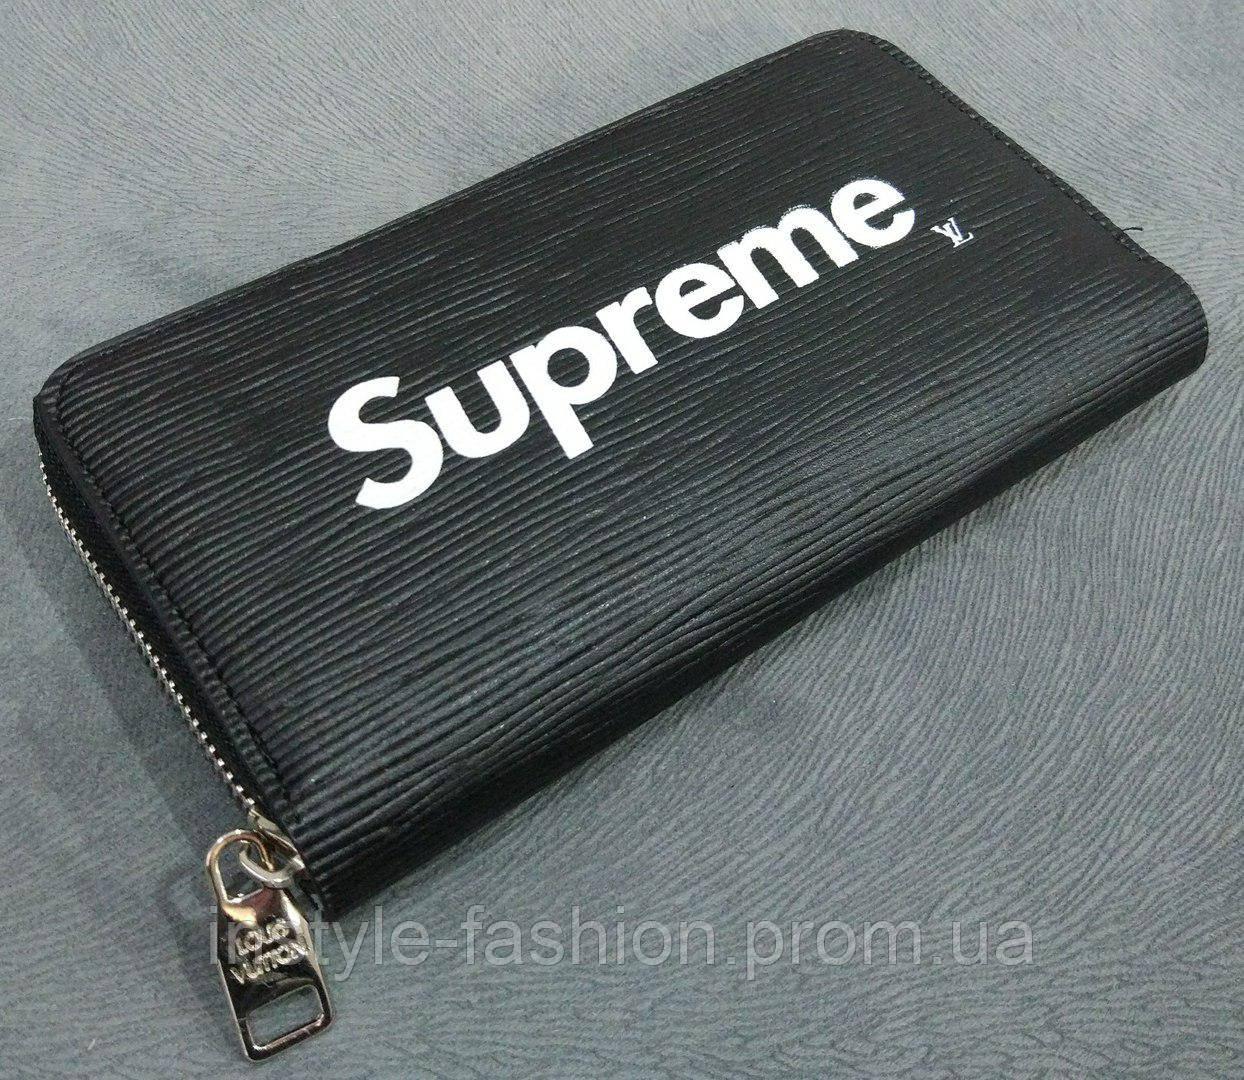 Кошелек женский Louis Vuitton Supreme эко-кожа черный - Сумки брендовые,  кошельки, очки 56688c9cf52